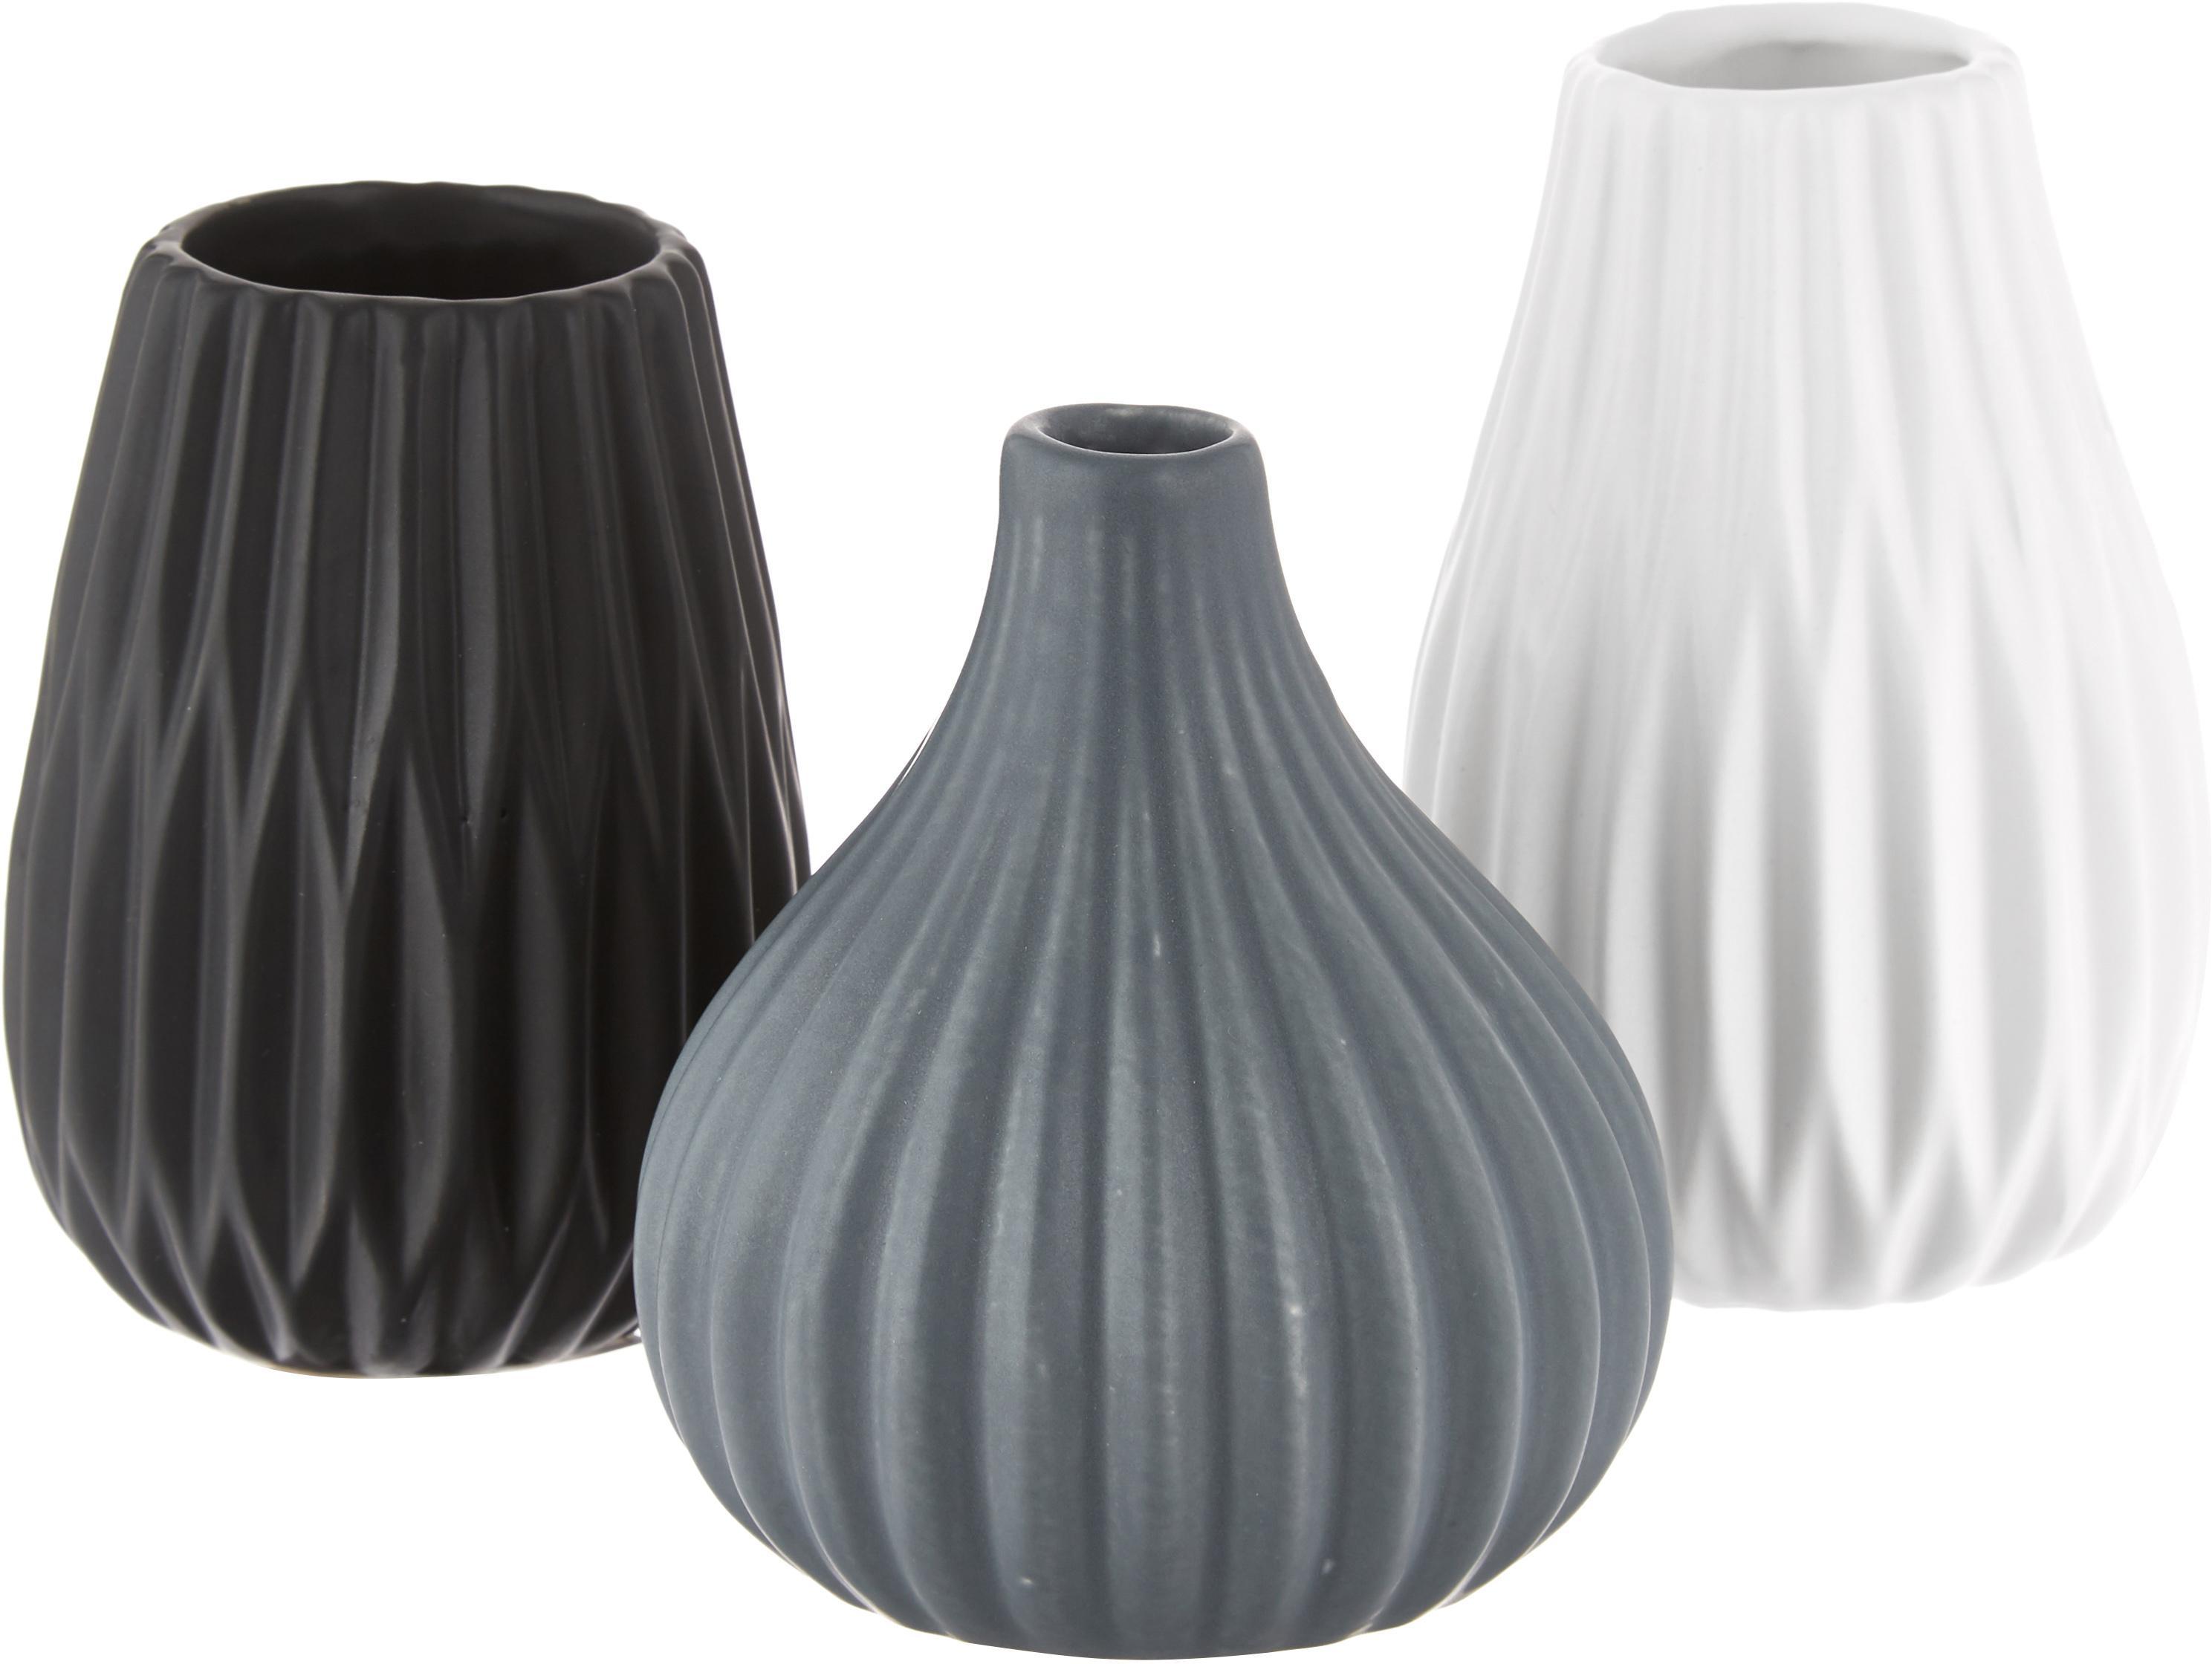 Vazenset Wilma, 3-delig, Keramiek, Blauw, zwart, wit, Ø 9 x H 11 cm